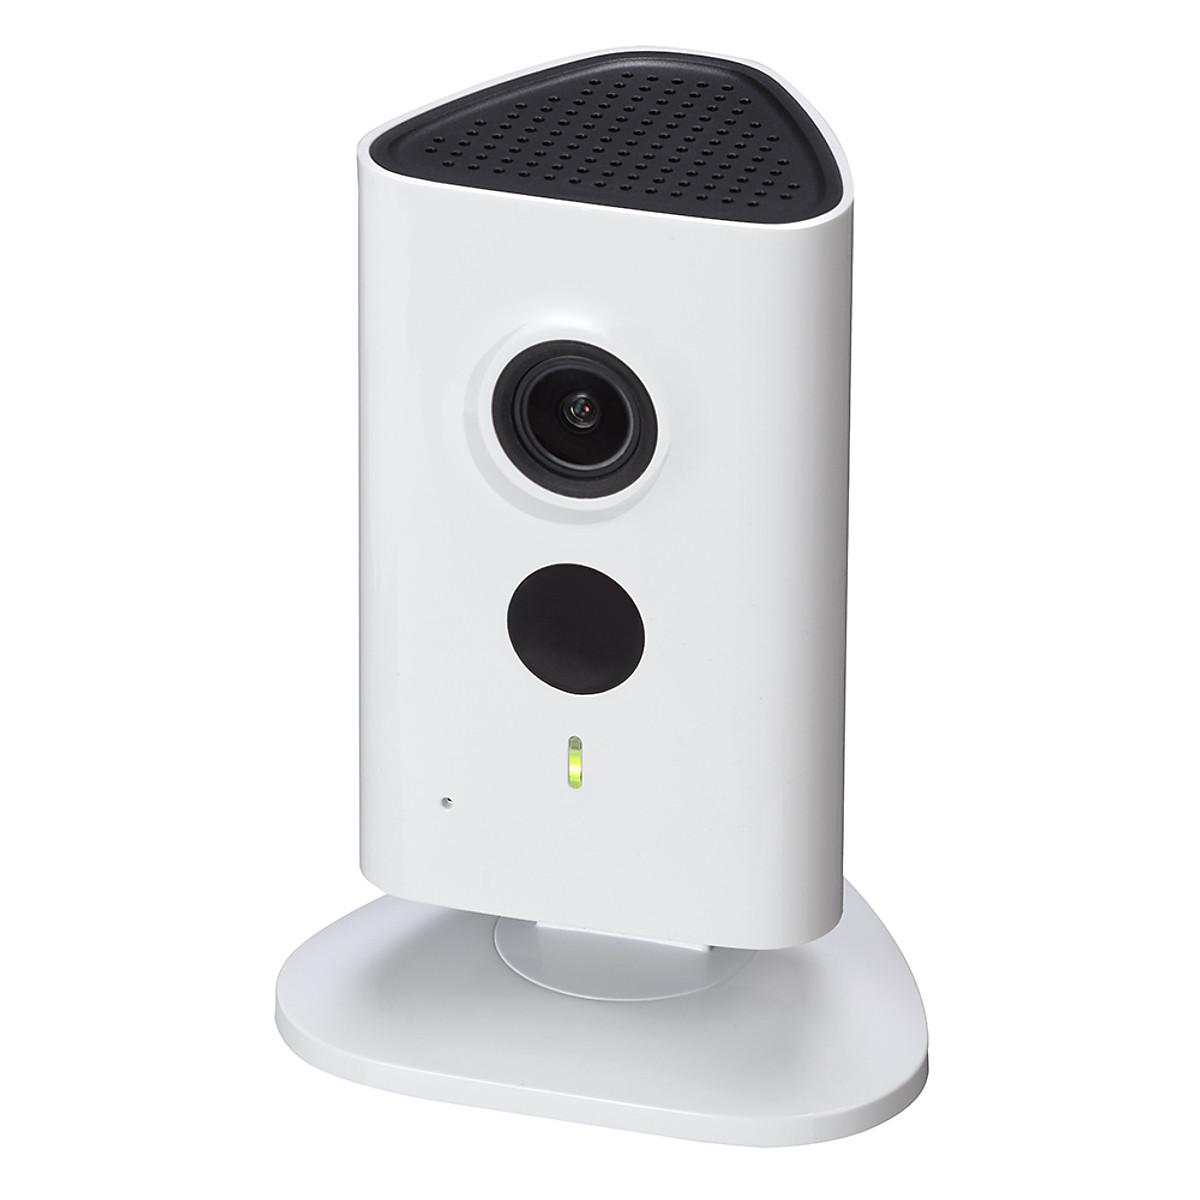 Camera IP Wifi Dahua 3Mp IPC-C35P – Hàng chính hãng